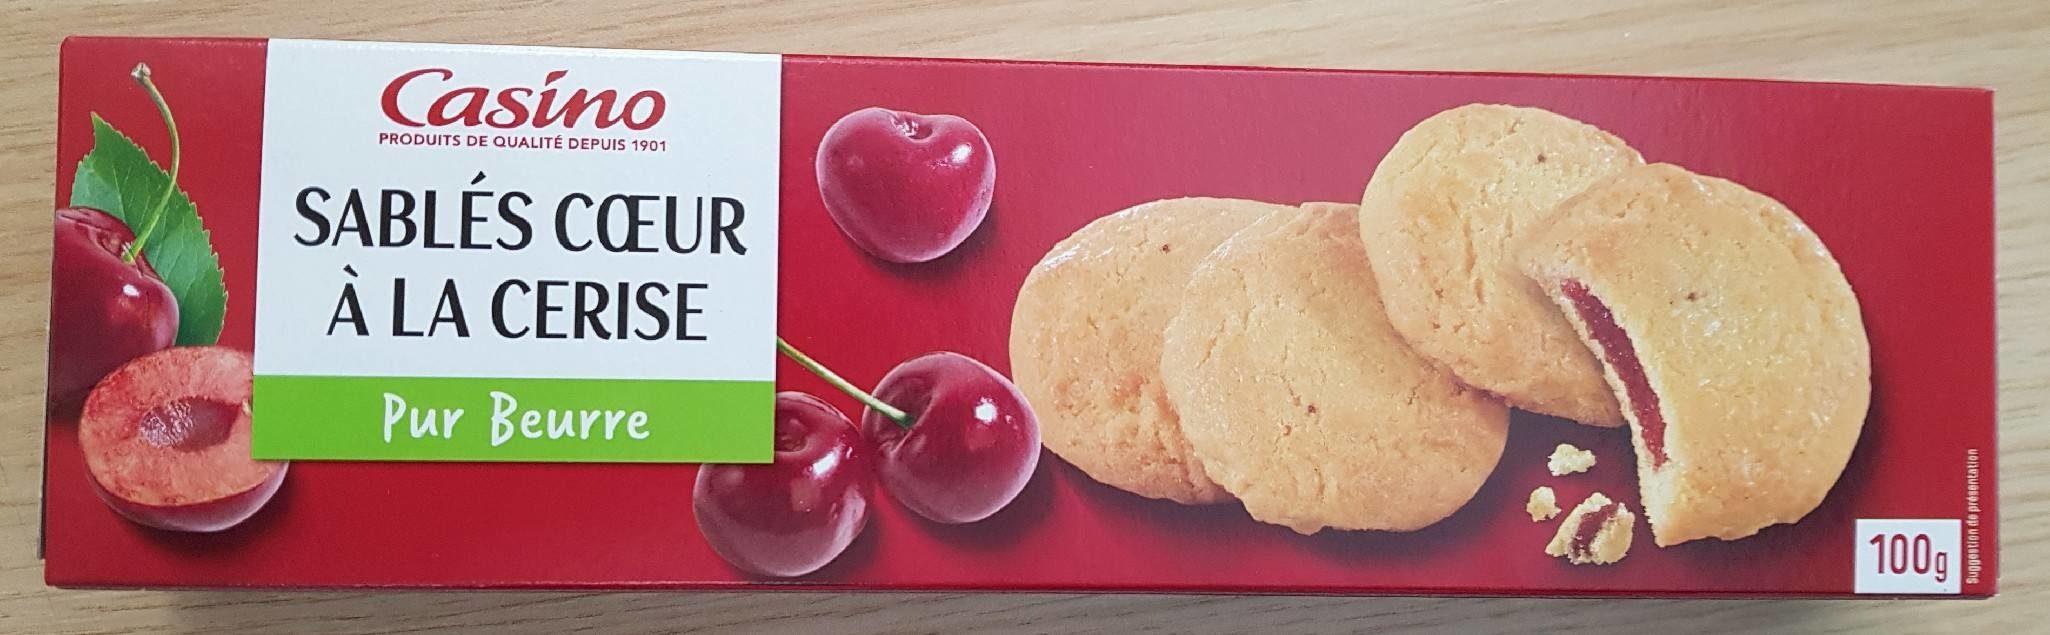 Sablés coeur saveur cerise - Product